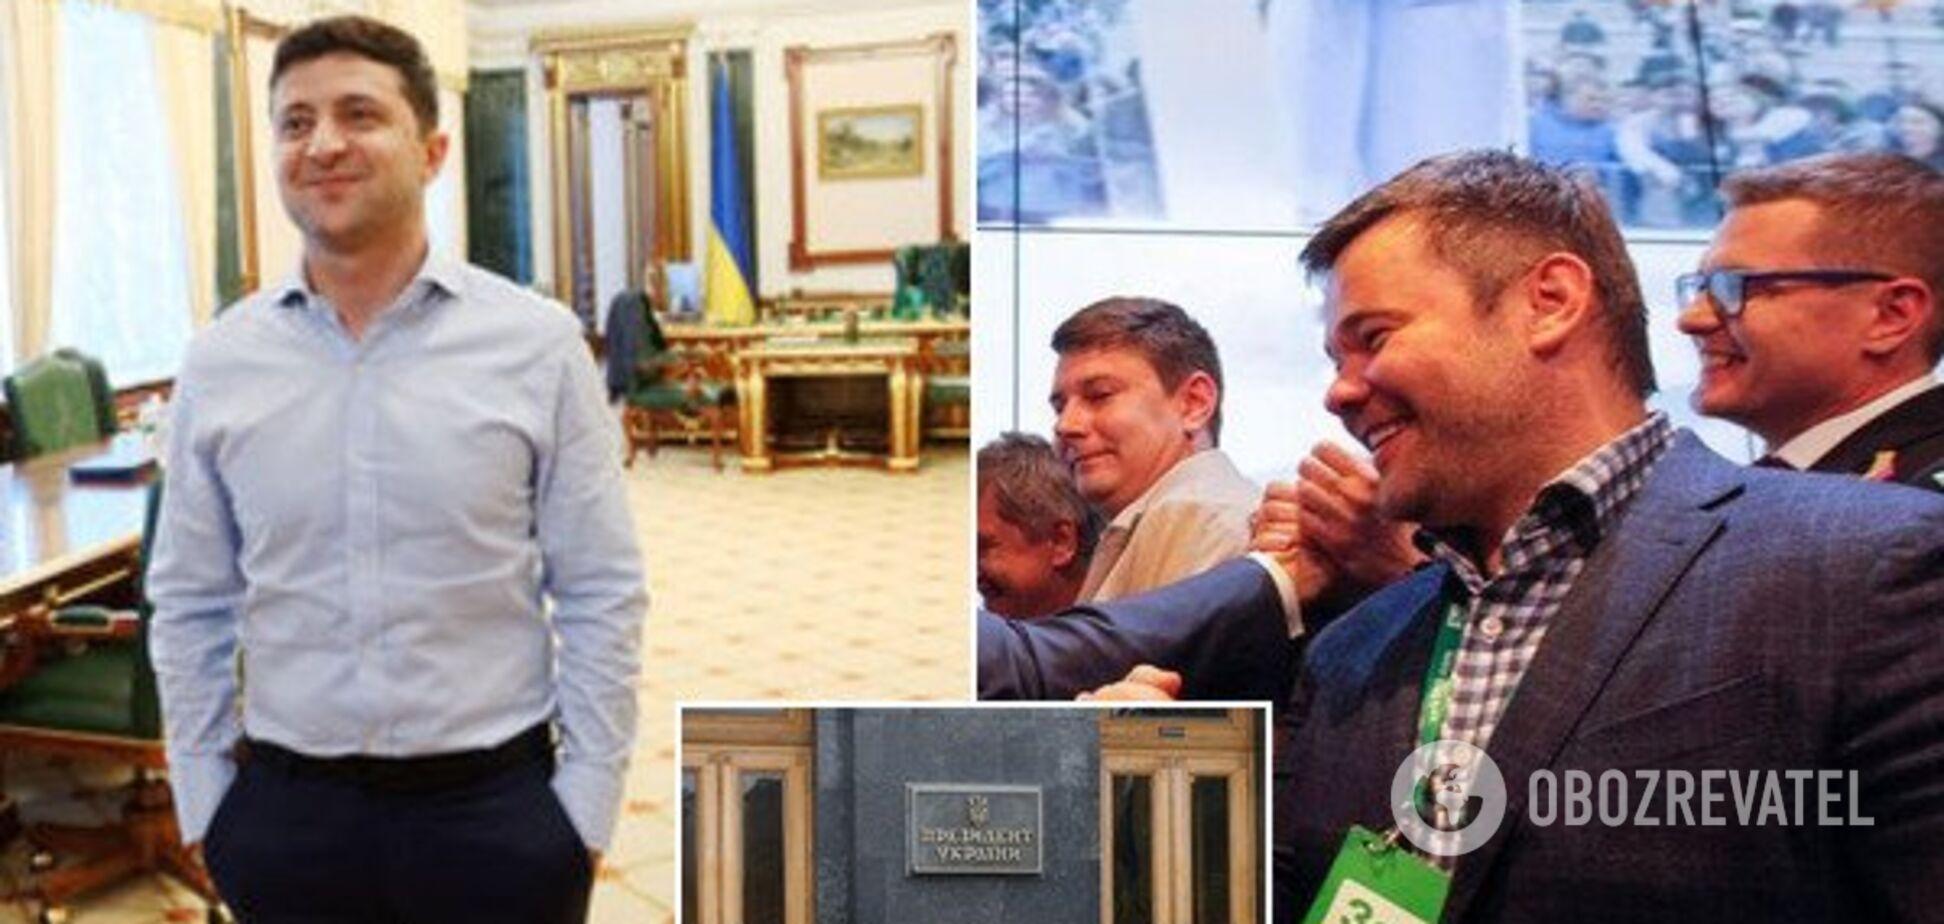 'Не доите бюджет!' Украинцев возмутили потраченные Зеленским деньги